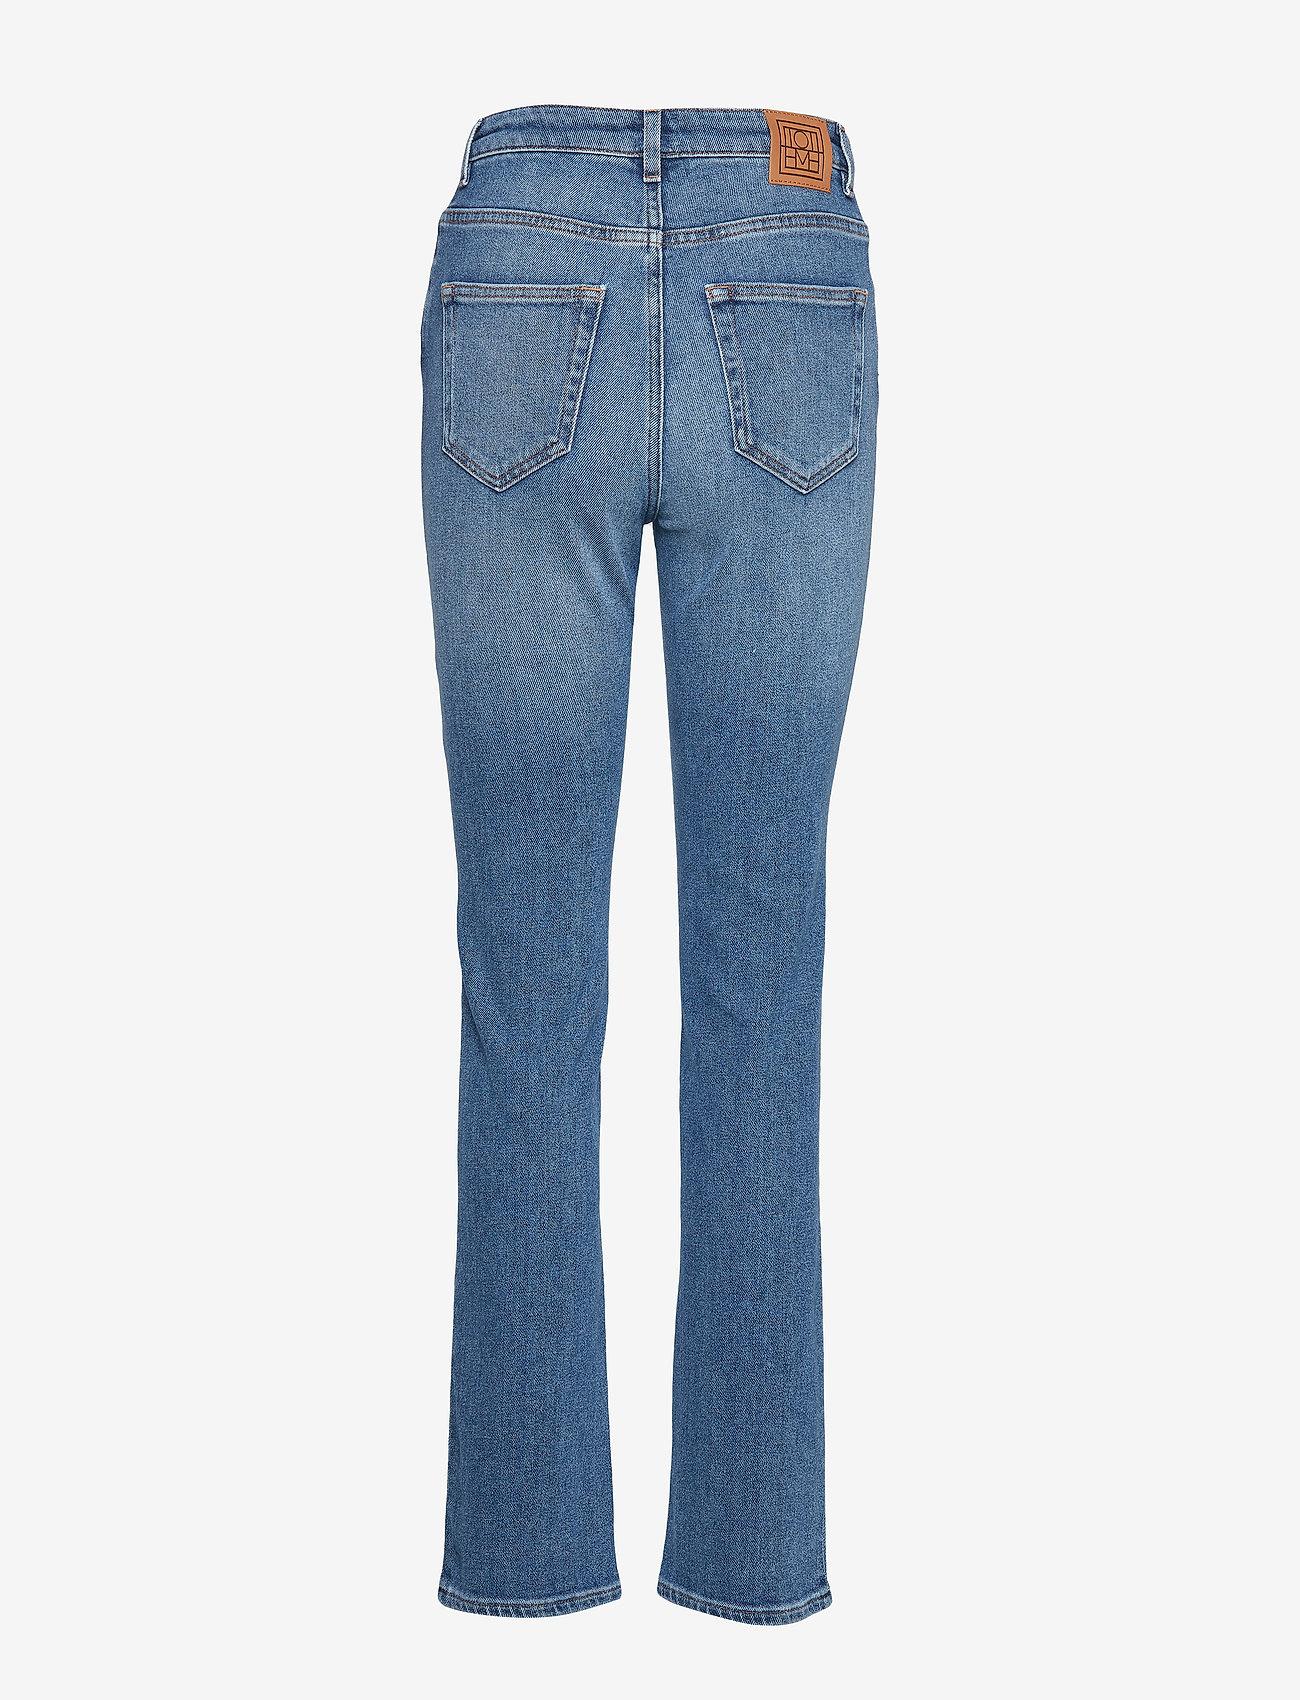 Totême - STANDARD DENIM - straight jeans - mid blue wash 410 - 1